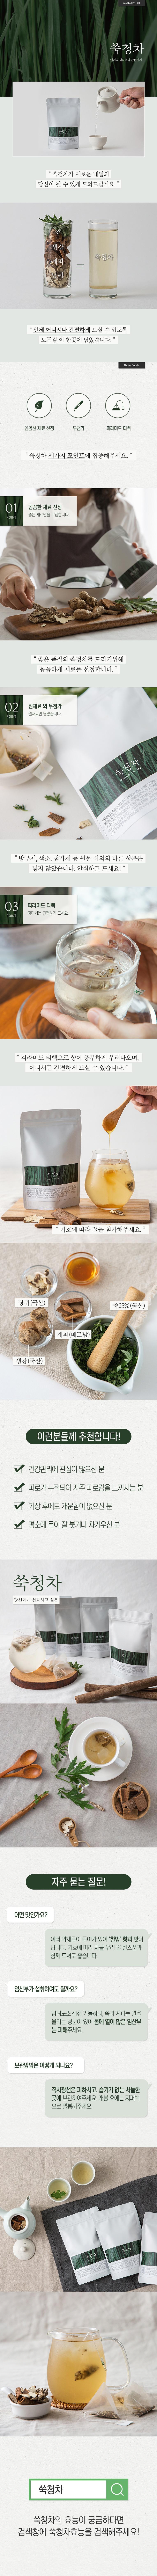 쑥청차 티백 (쑥+당귀+계피+생강) 5+1 10+2 15+3  세트 - 한국유기농, 33,800원, 차, 우롱차/전통차/한방차